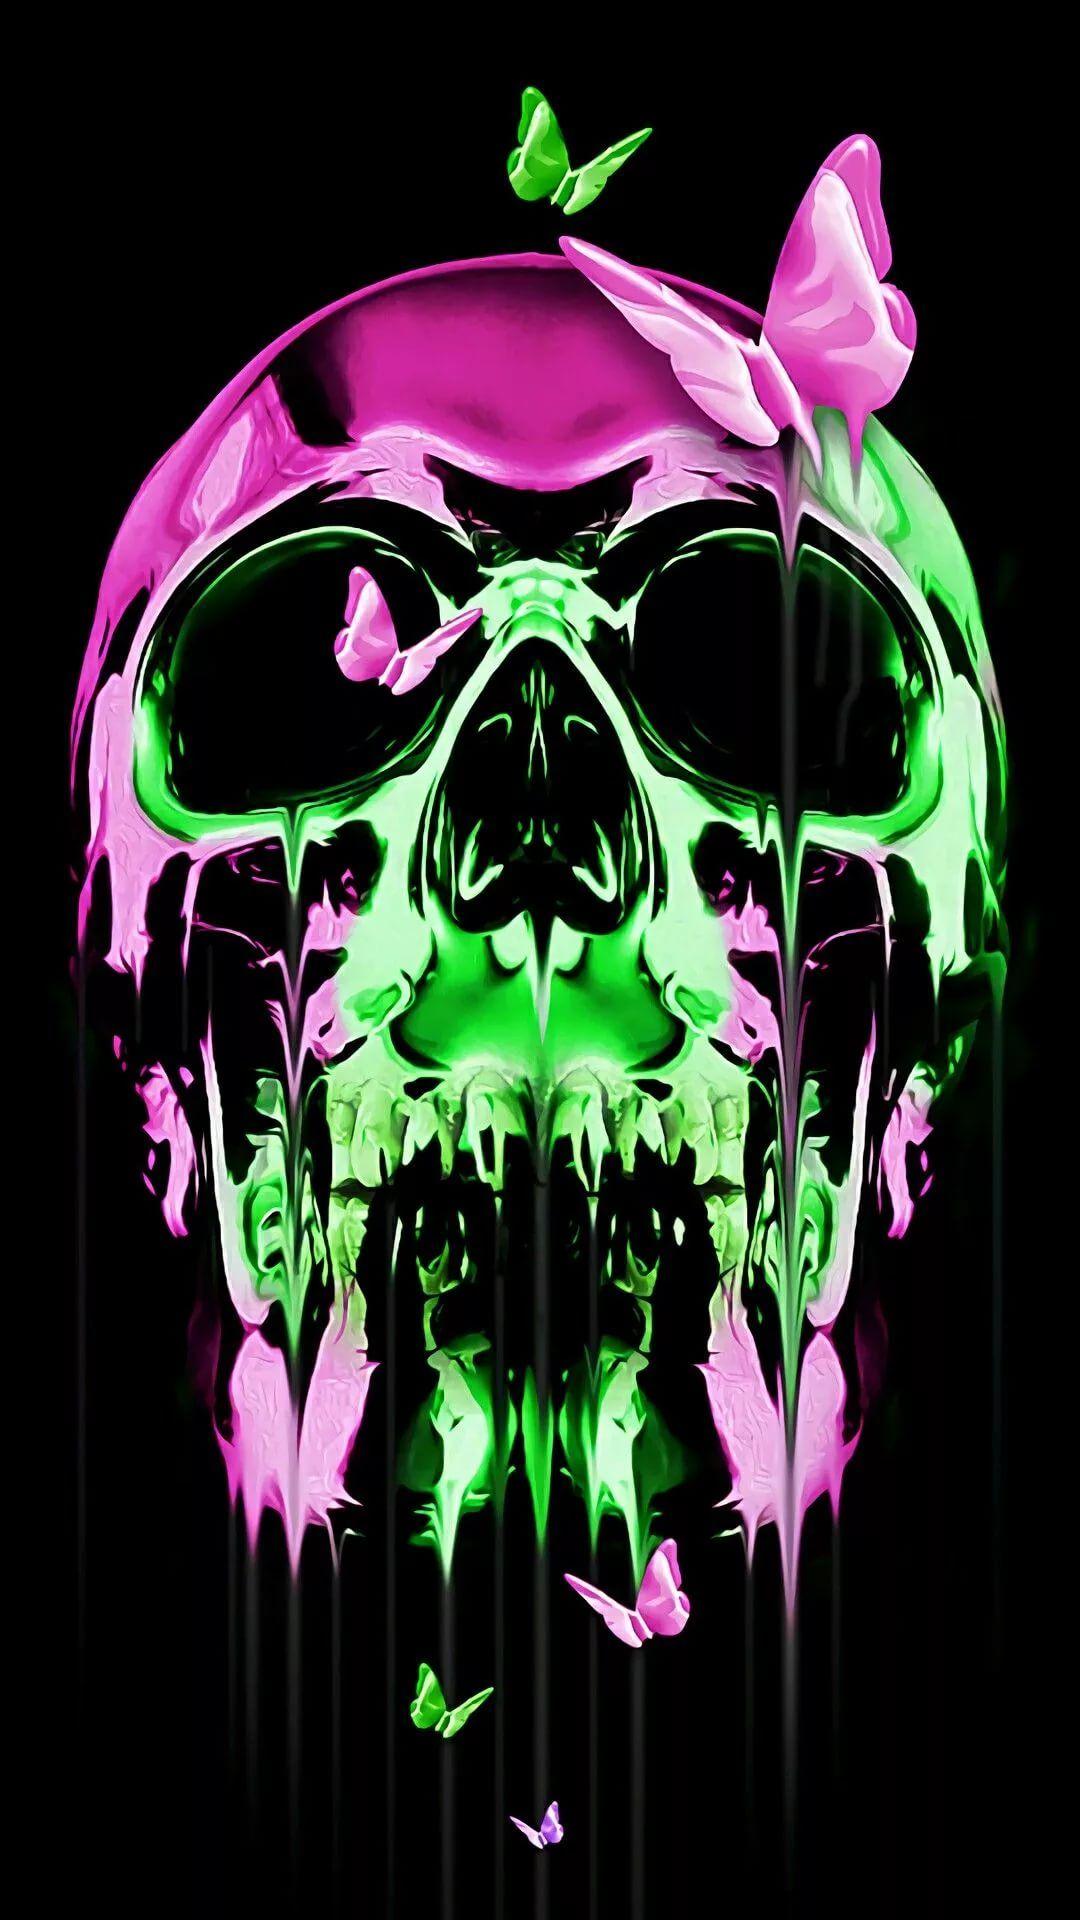 Cool Skull iOS 11 wallpaper